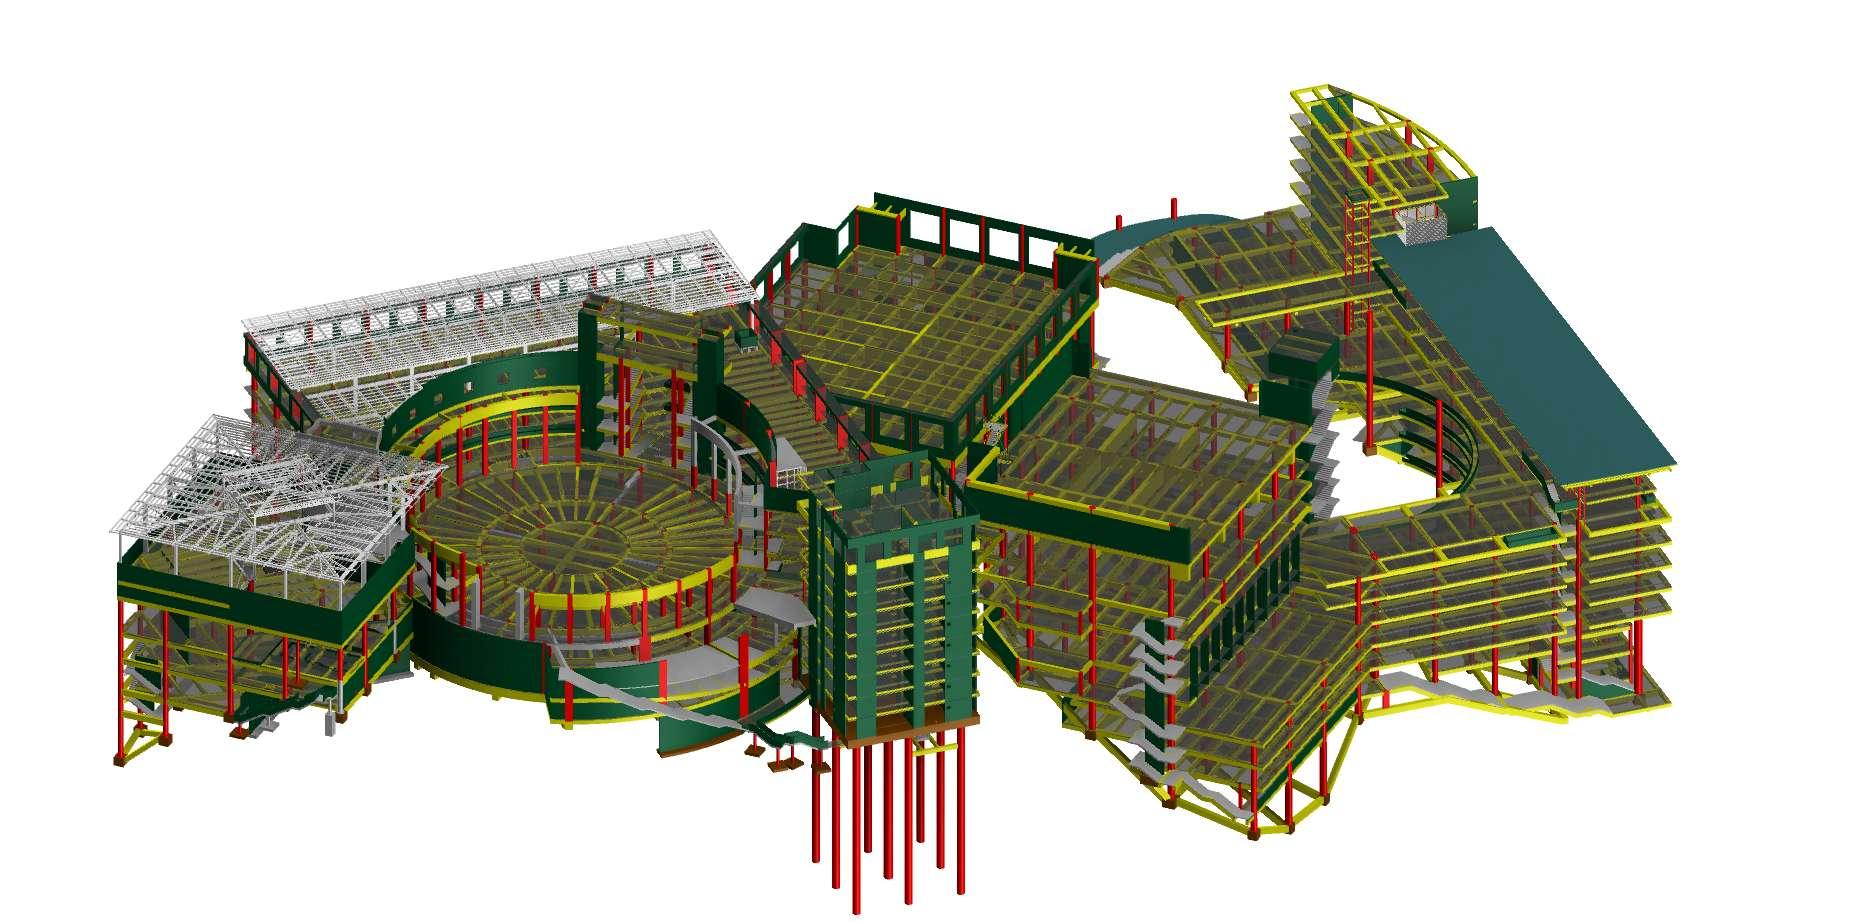 as-built structure - HONG KONG INTERNATIONAL SCHOOL